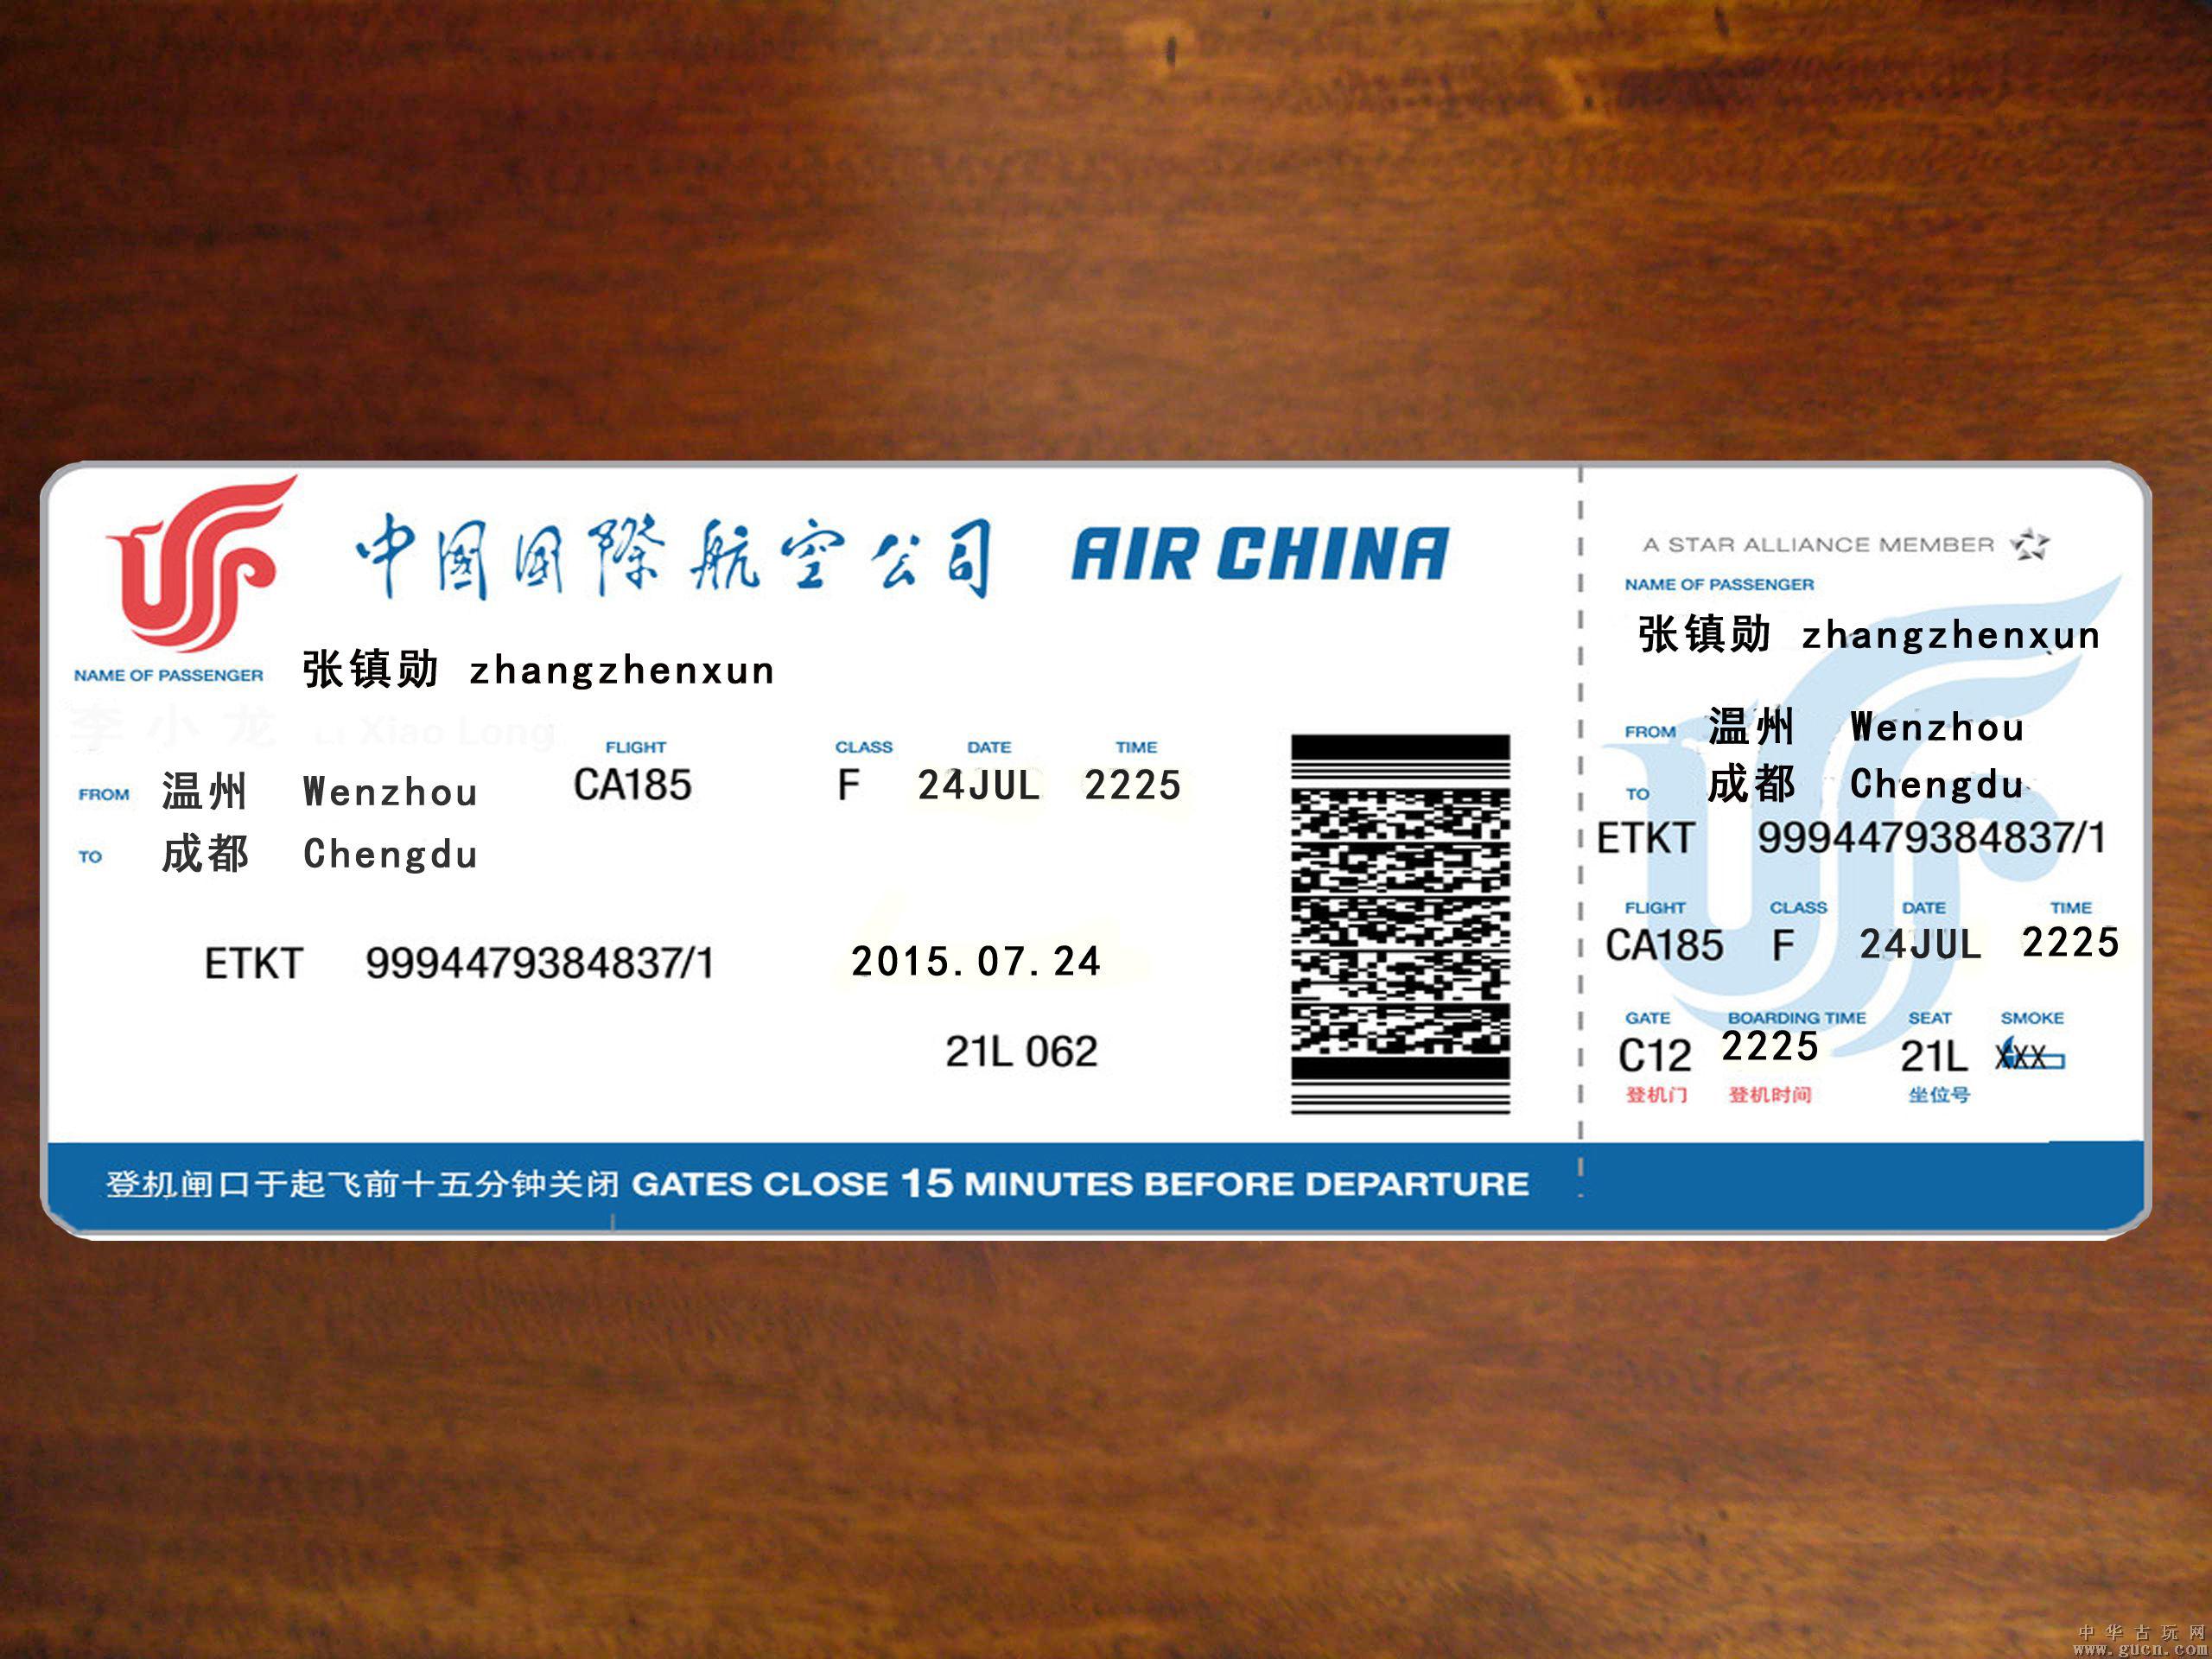 大神帮忙ps一张机票 明天晚上22点25温州到成都的 张镇勋 谢谢 在线坐